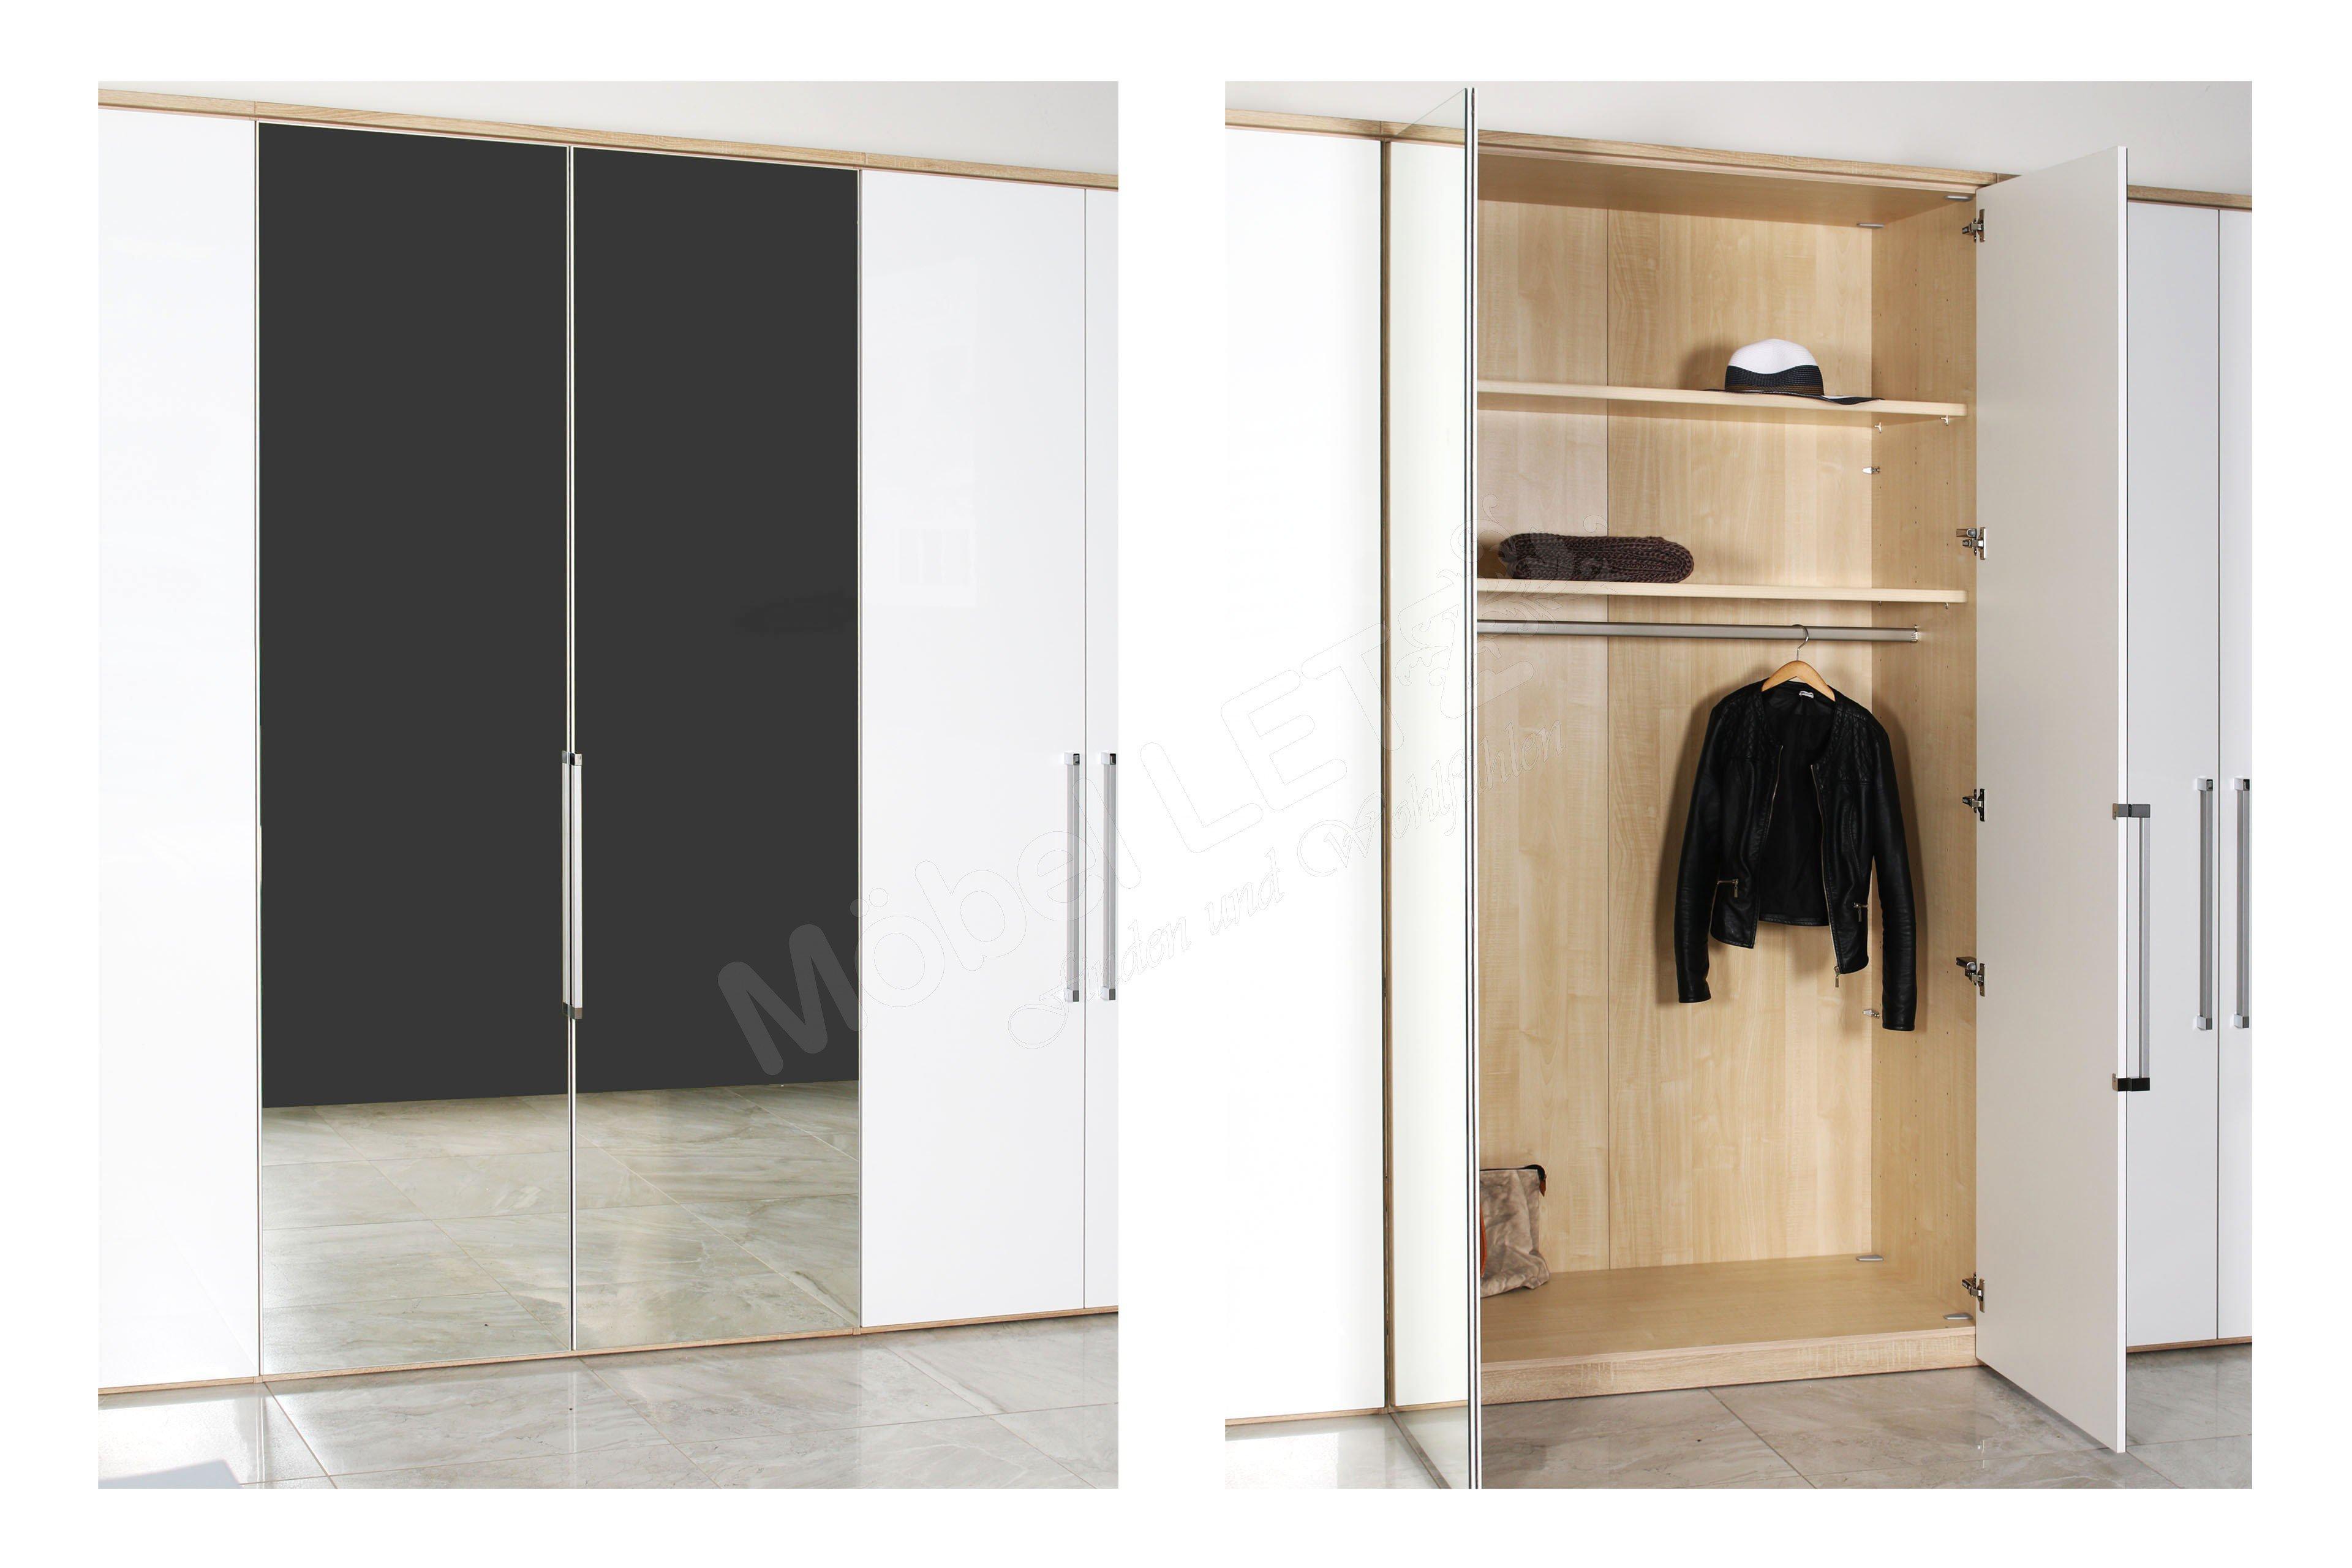 Sympathisch Kleiderschrank 250 Breit Dekoration Von Horizont 8000 Von Nolte - Schrank Hochglanz